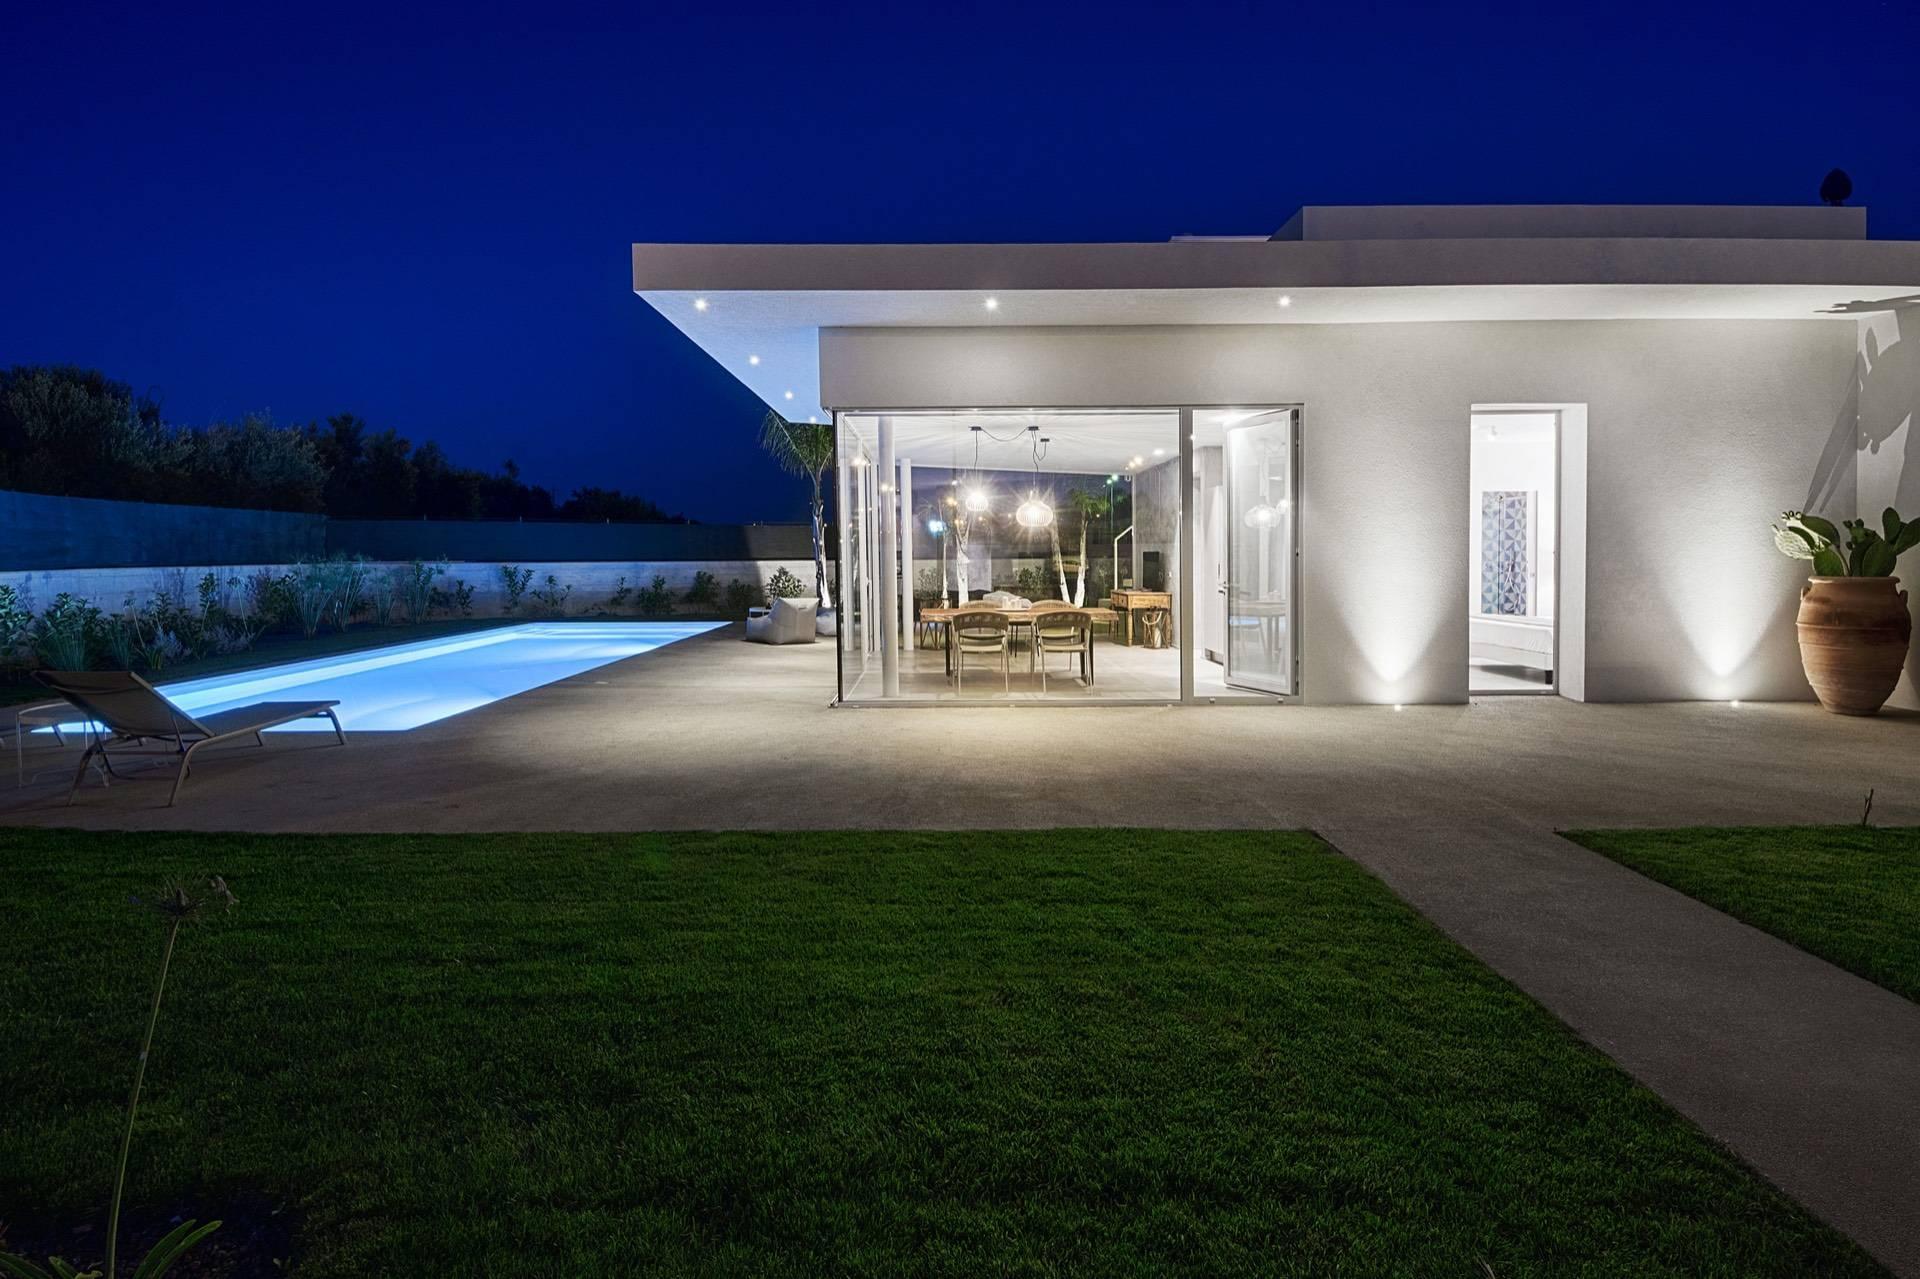 Villa indipendente con piscina a pochi passi dal mare - 1